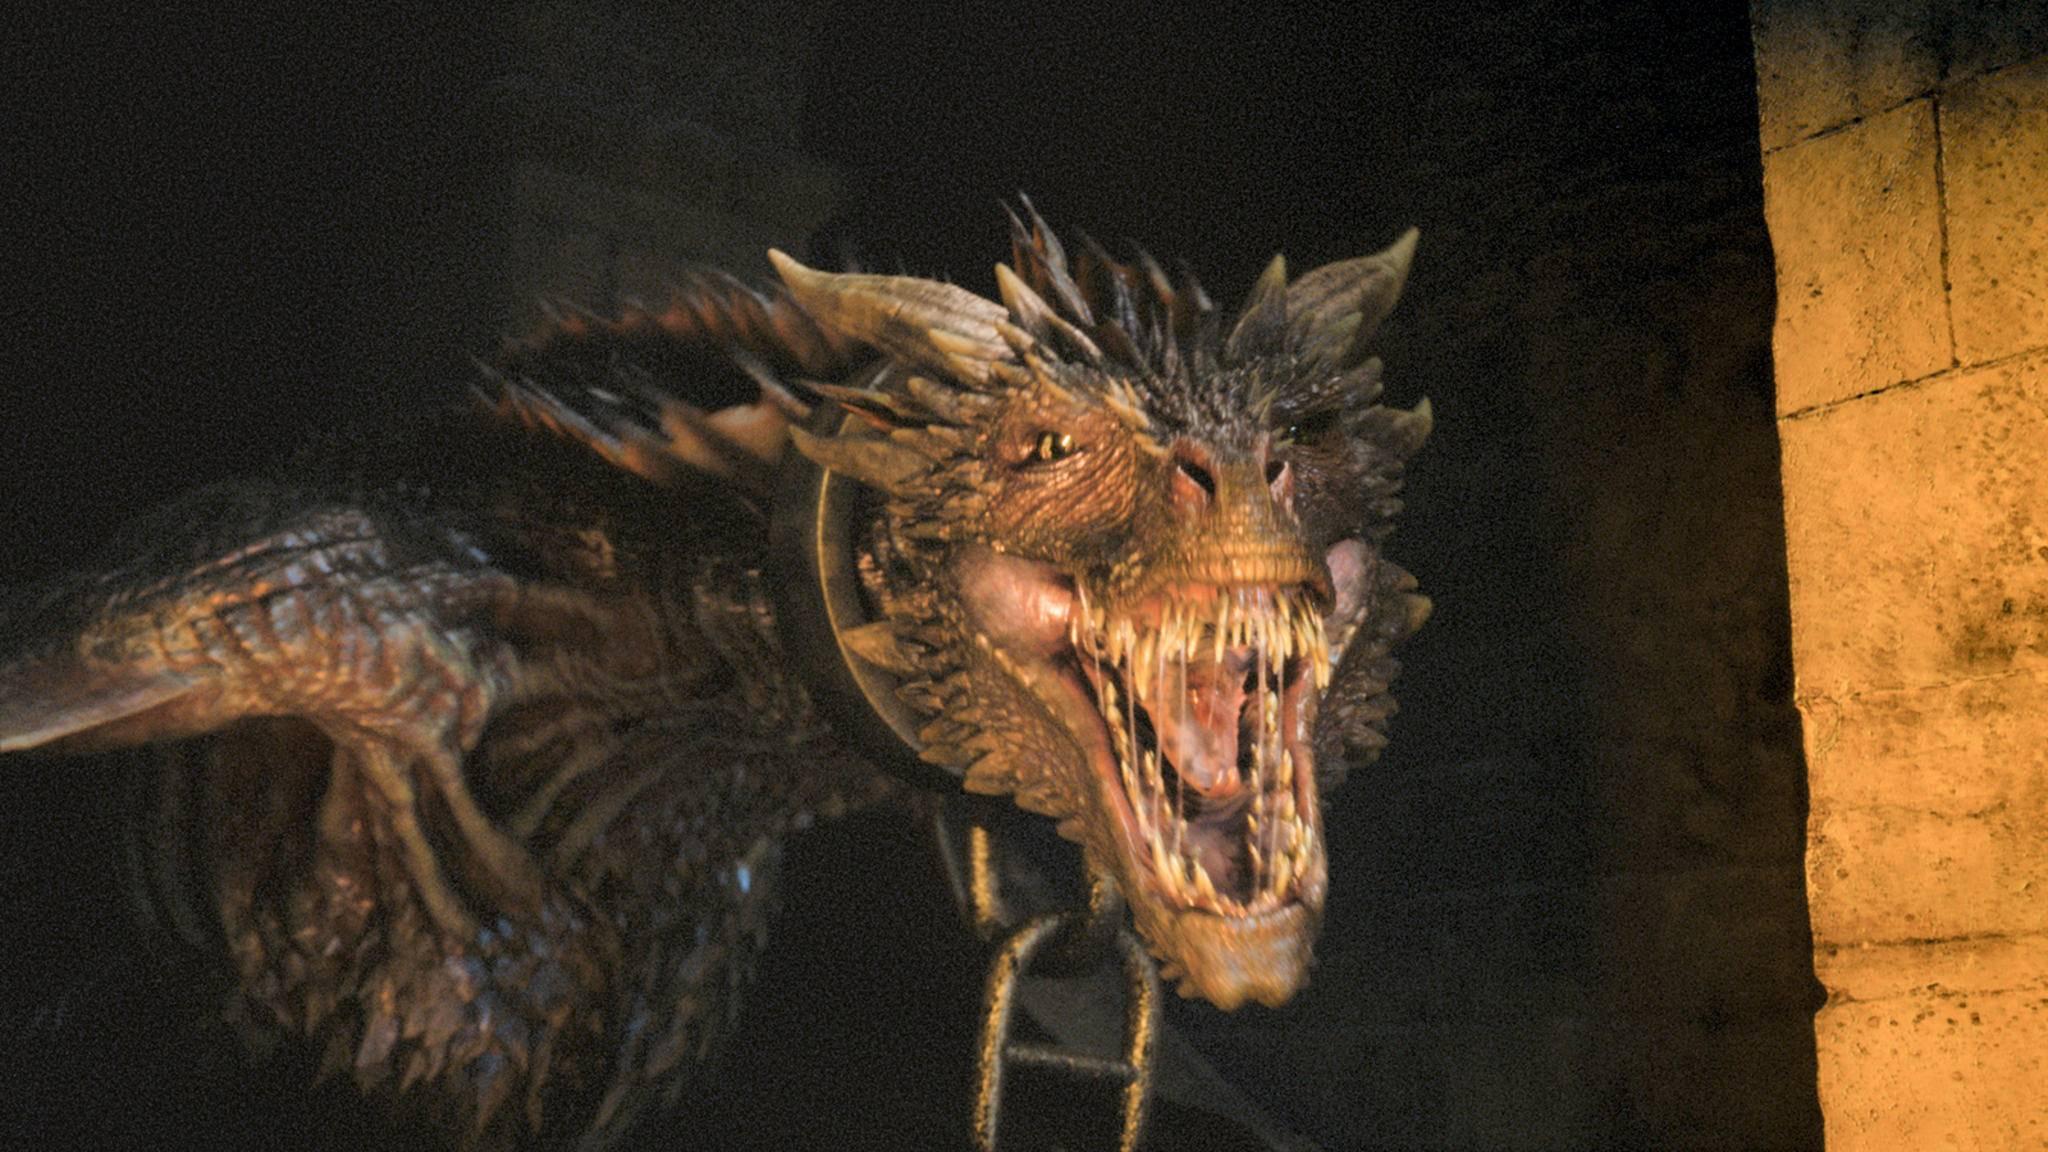 """Gut gebrüllt, kleiner Drache! Die Riesenechsen kommen in der siebten """"Game of Thrones""""-Staffel richtig zur Geltung."""